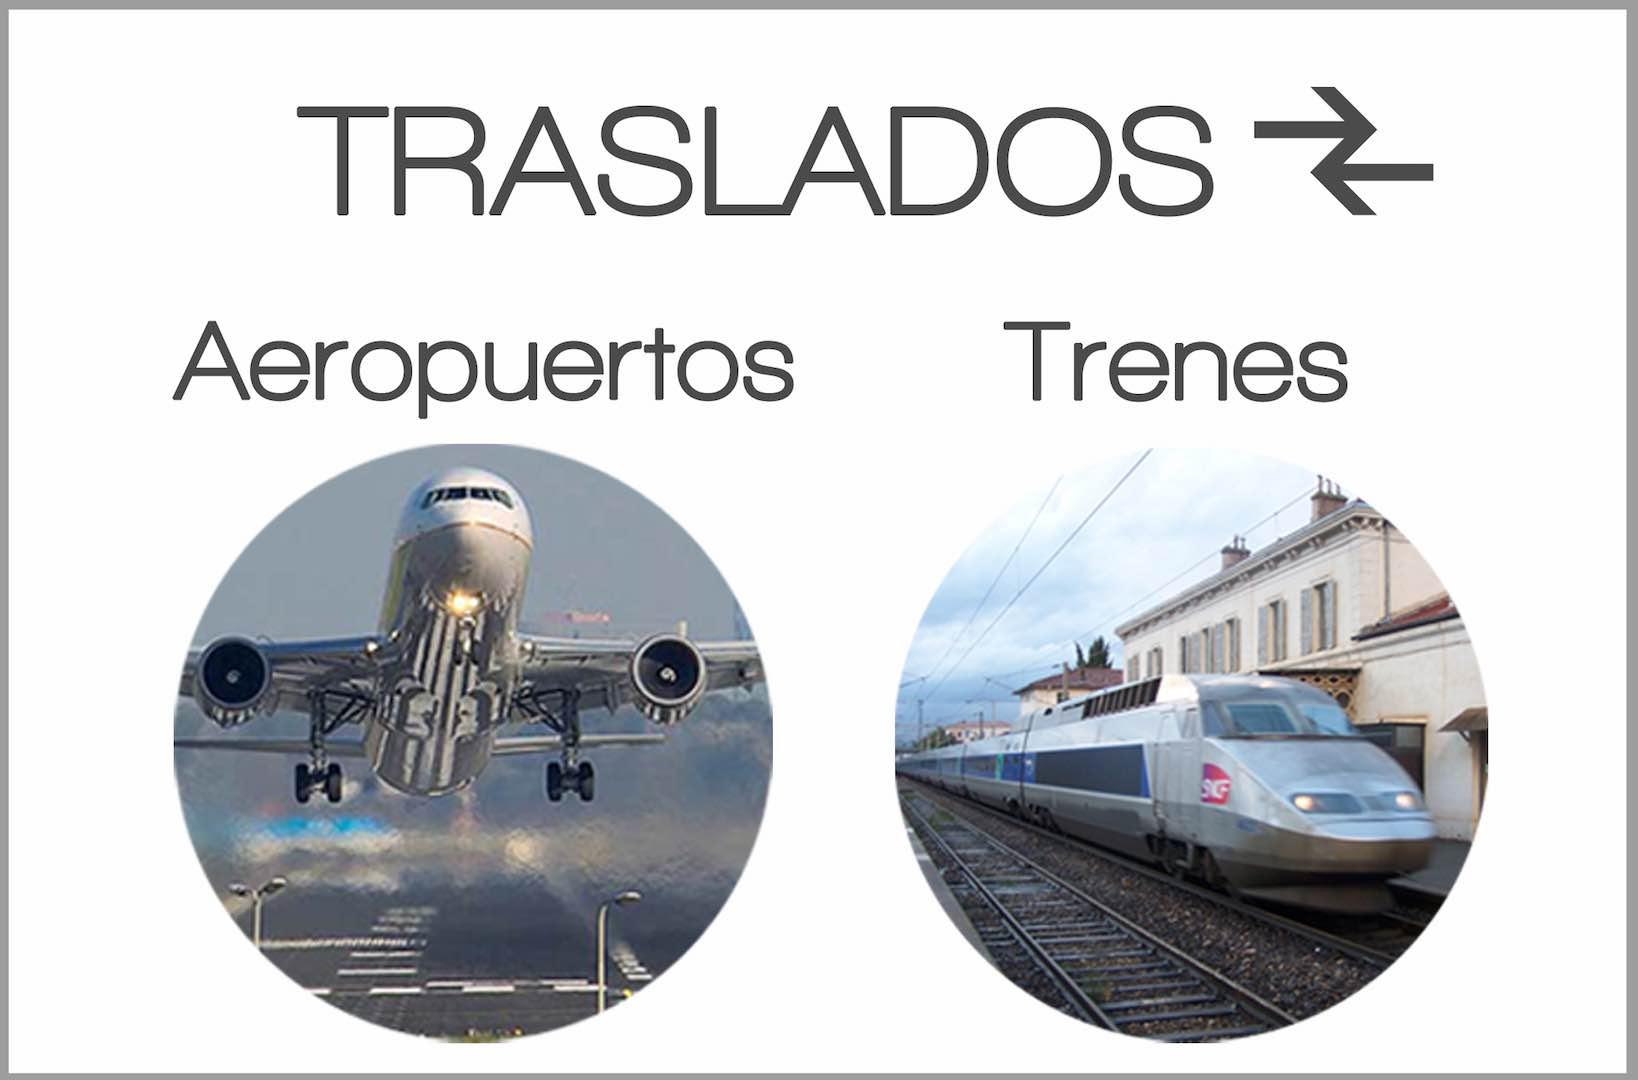 Tralados desde y hacia el aeropuerto y las estaciones de tren